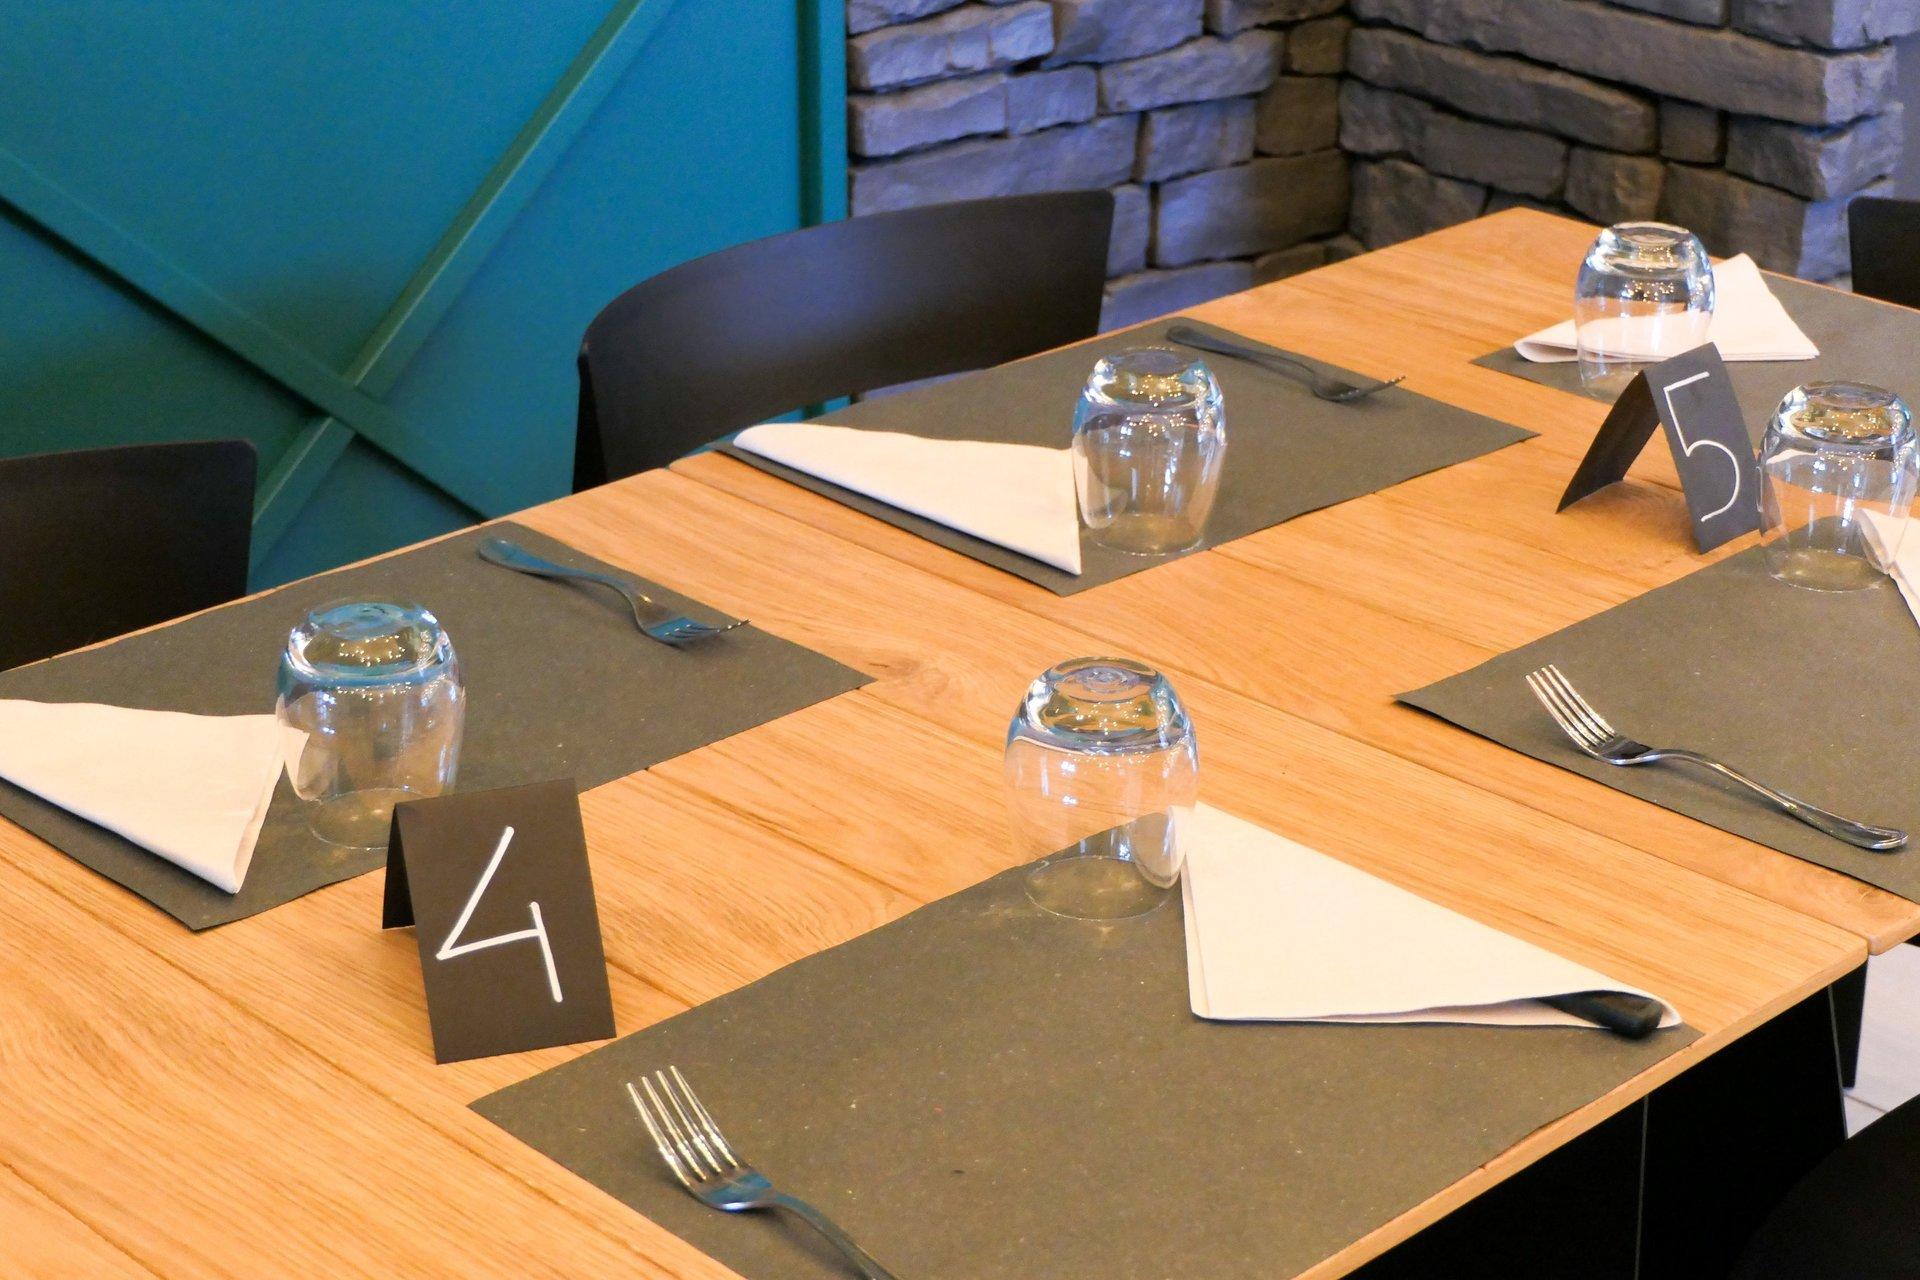 tavolo con bicchieri e tovaglioli